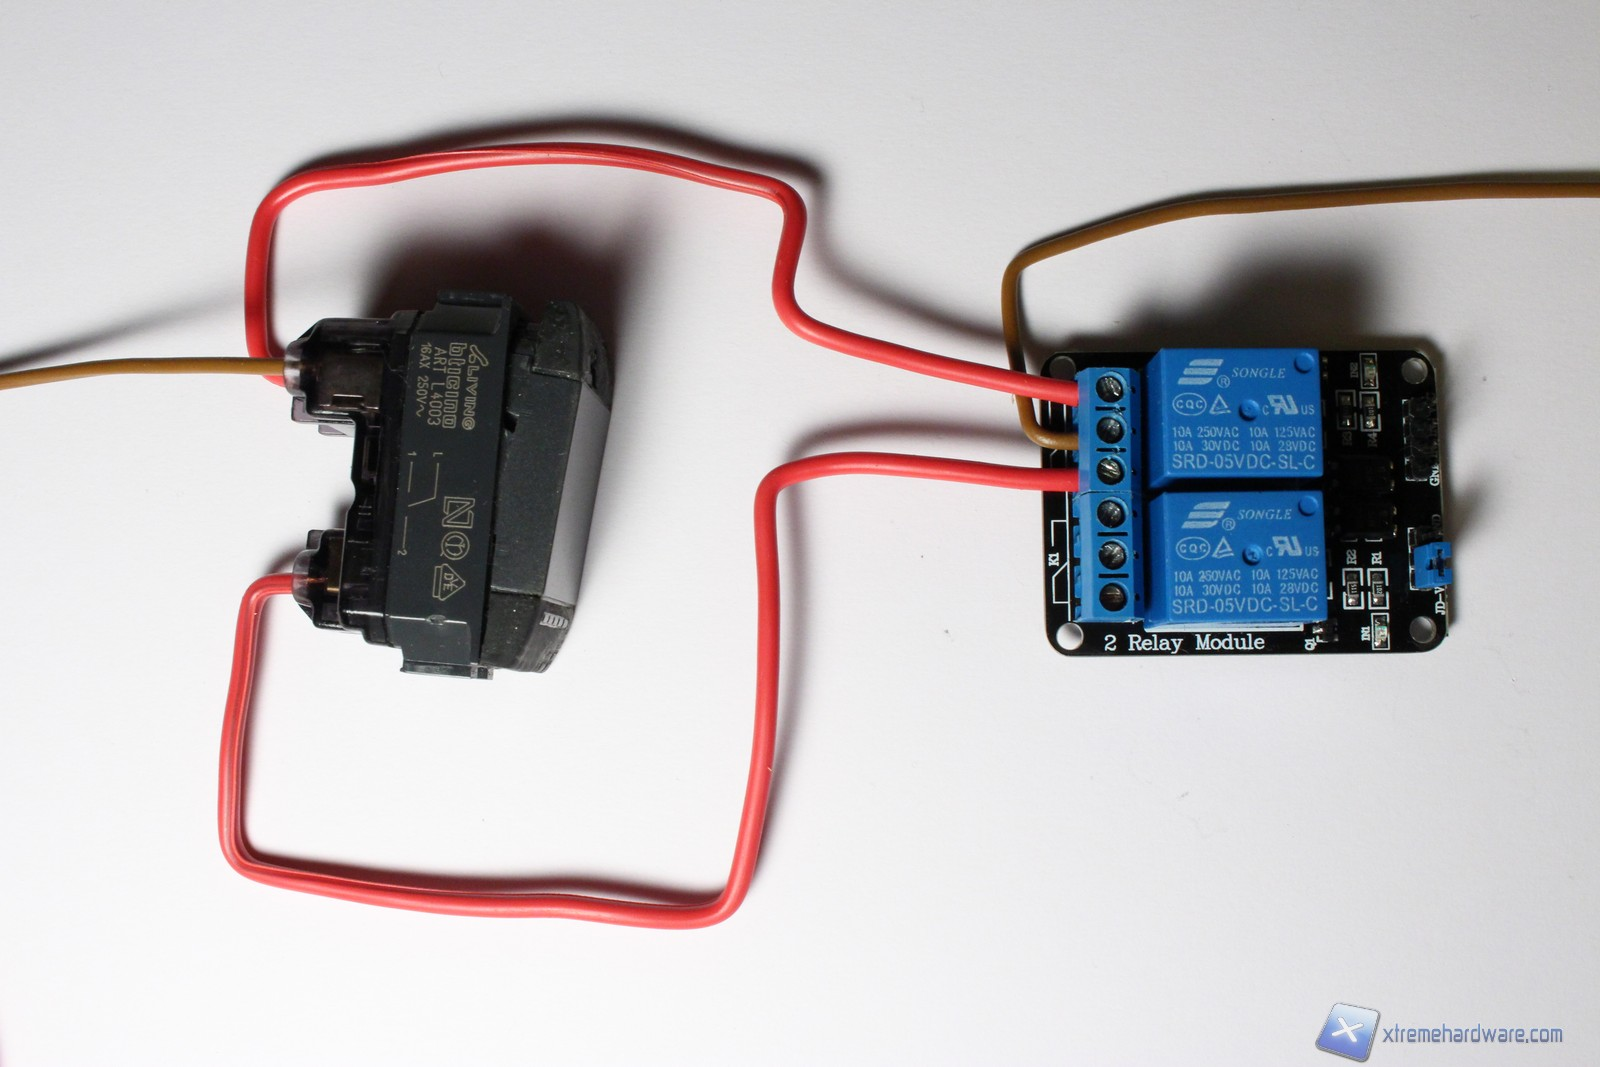 Schema Elettrico Per Collegare Un Relè : Schema elettrico di un relè le funzioni logiche come si